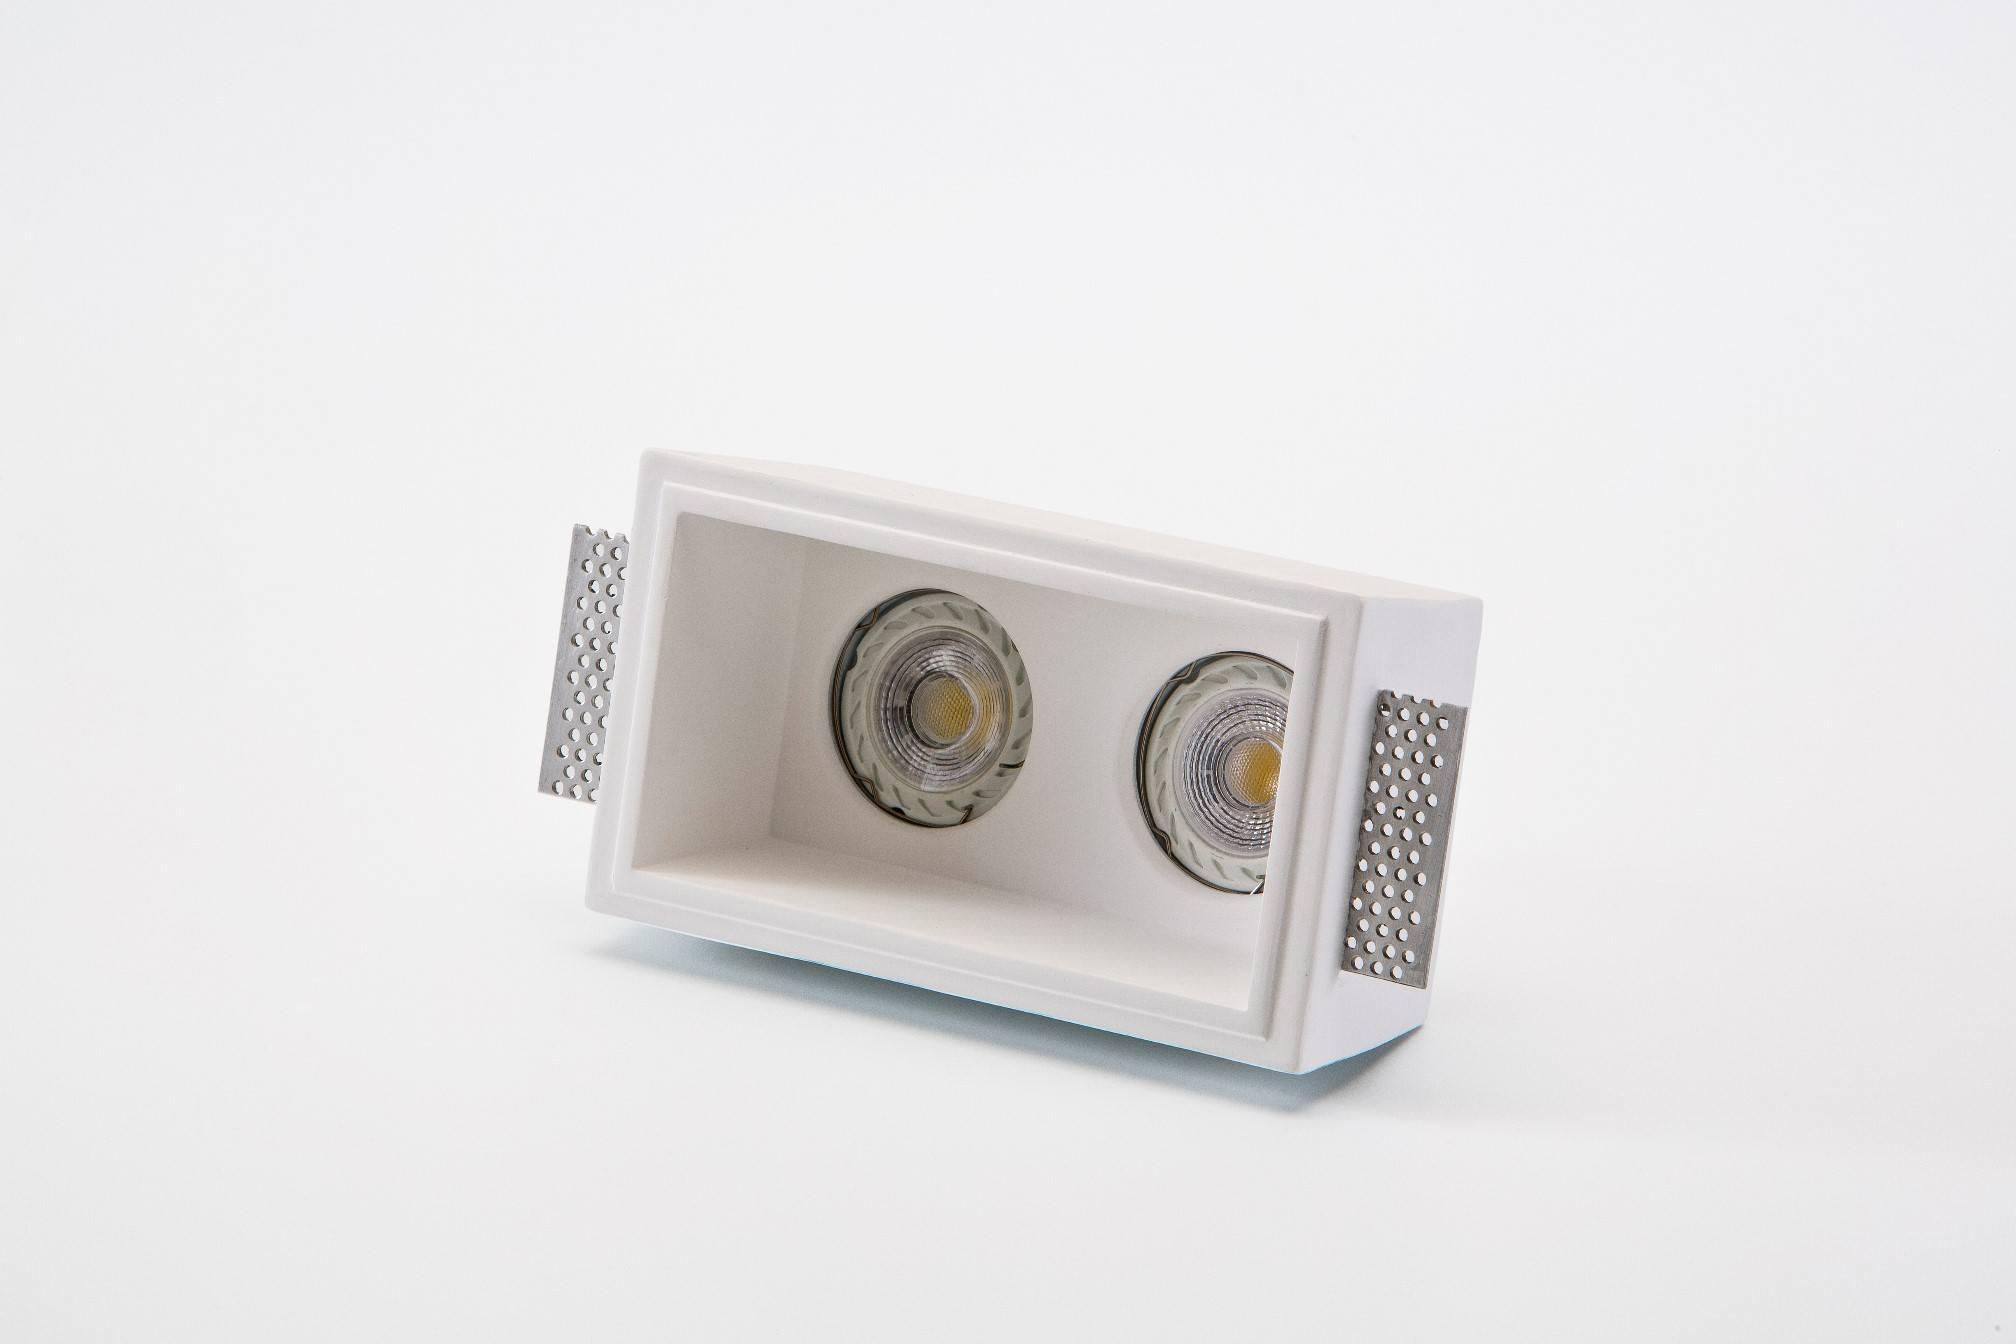 einbaulampe aus gips 808 von isy luce einbaustrahler innenleuchten platinlux der online. Black Bedroom Furniture Sets. Home Design Ideas